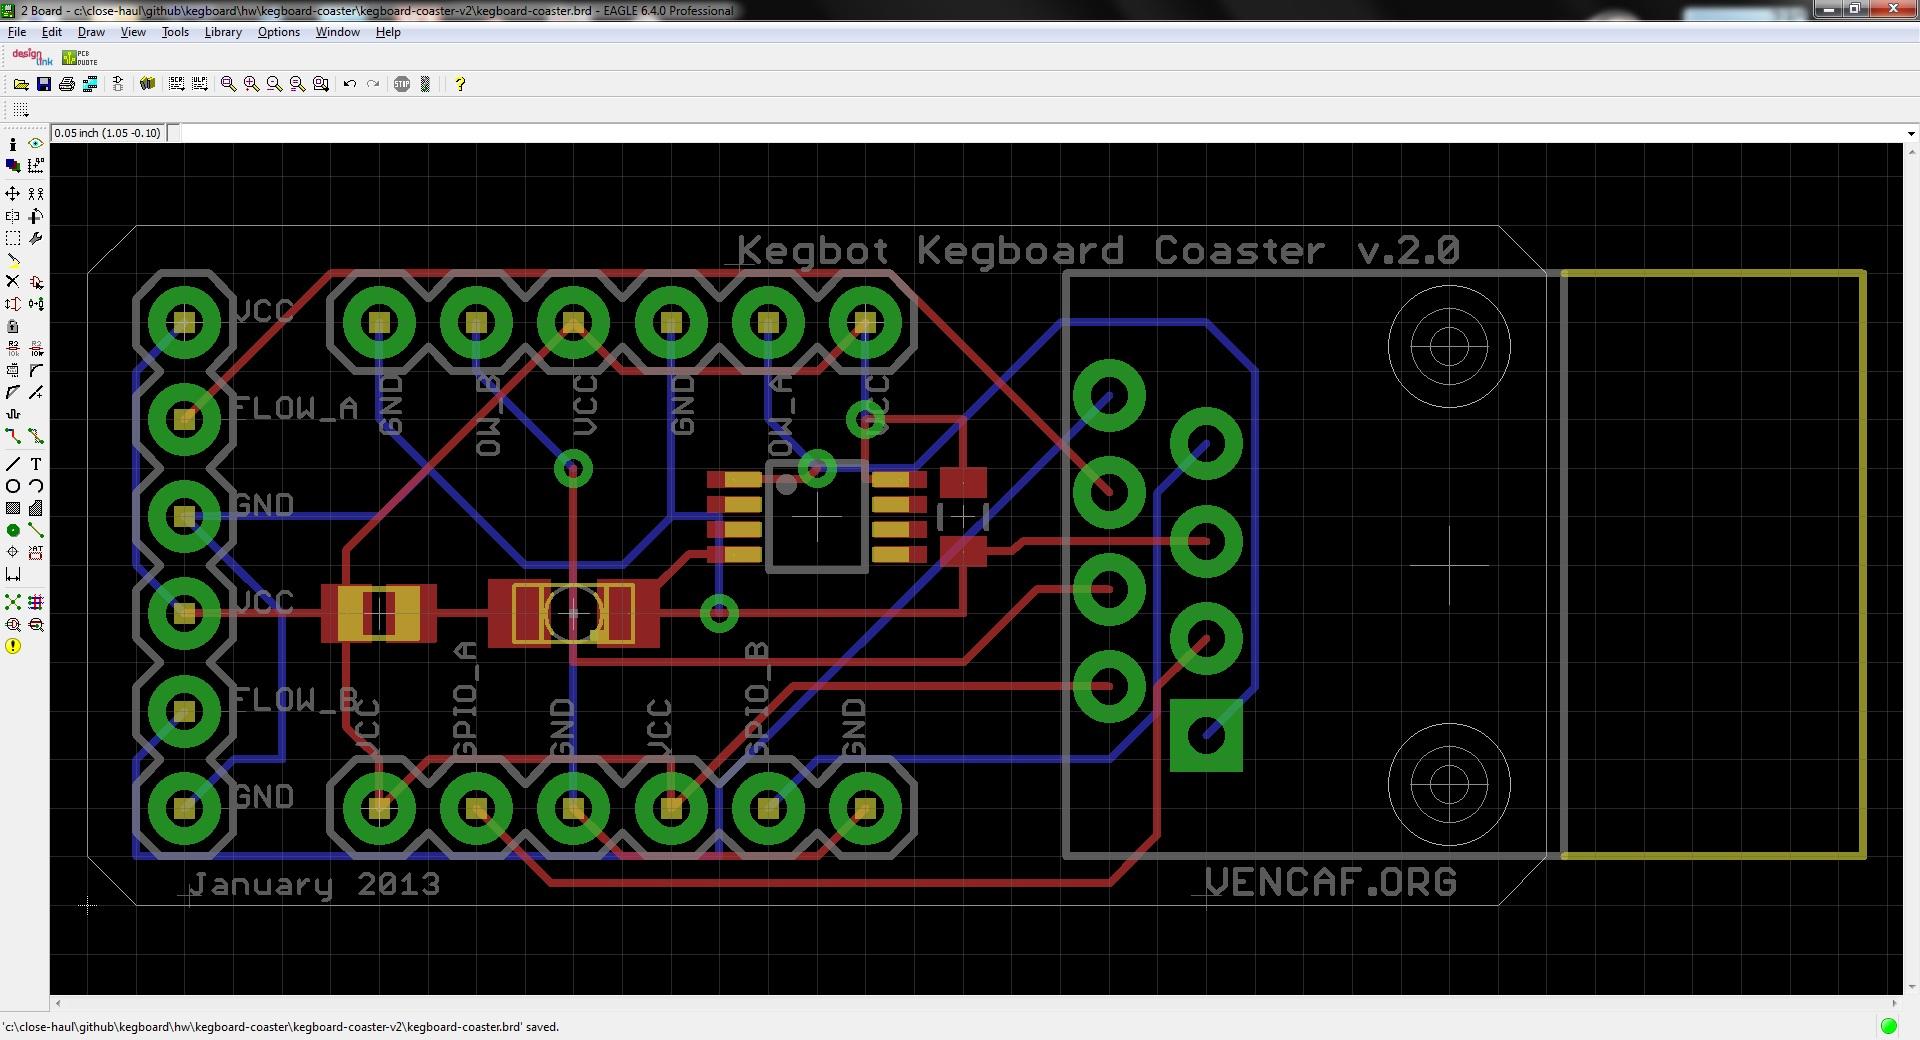 vc_kegbot_coaster_layout beaglebeer_controller